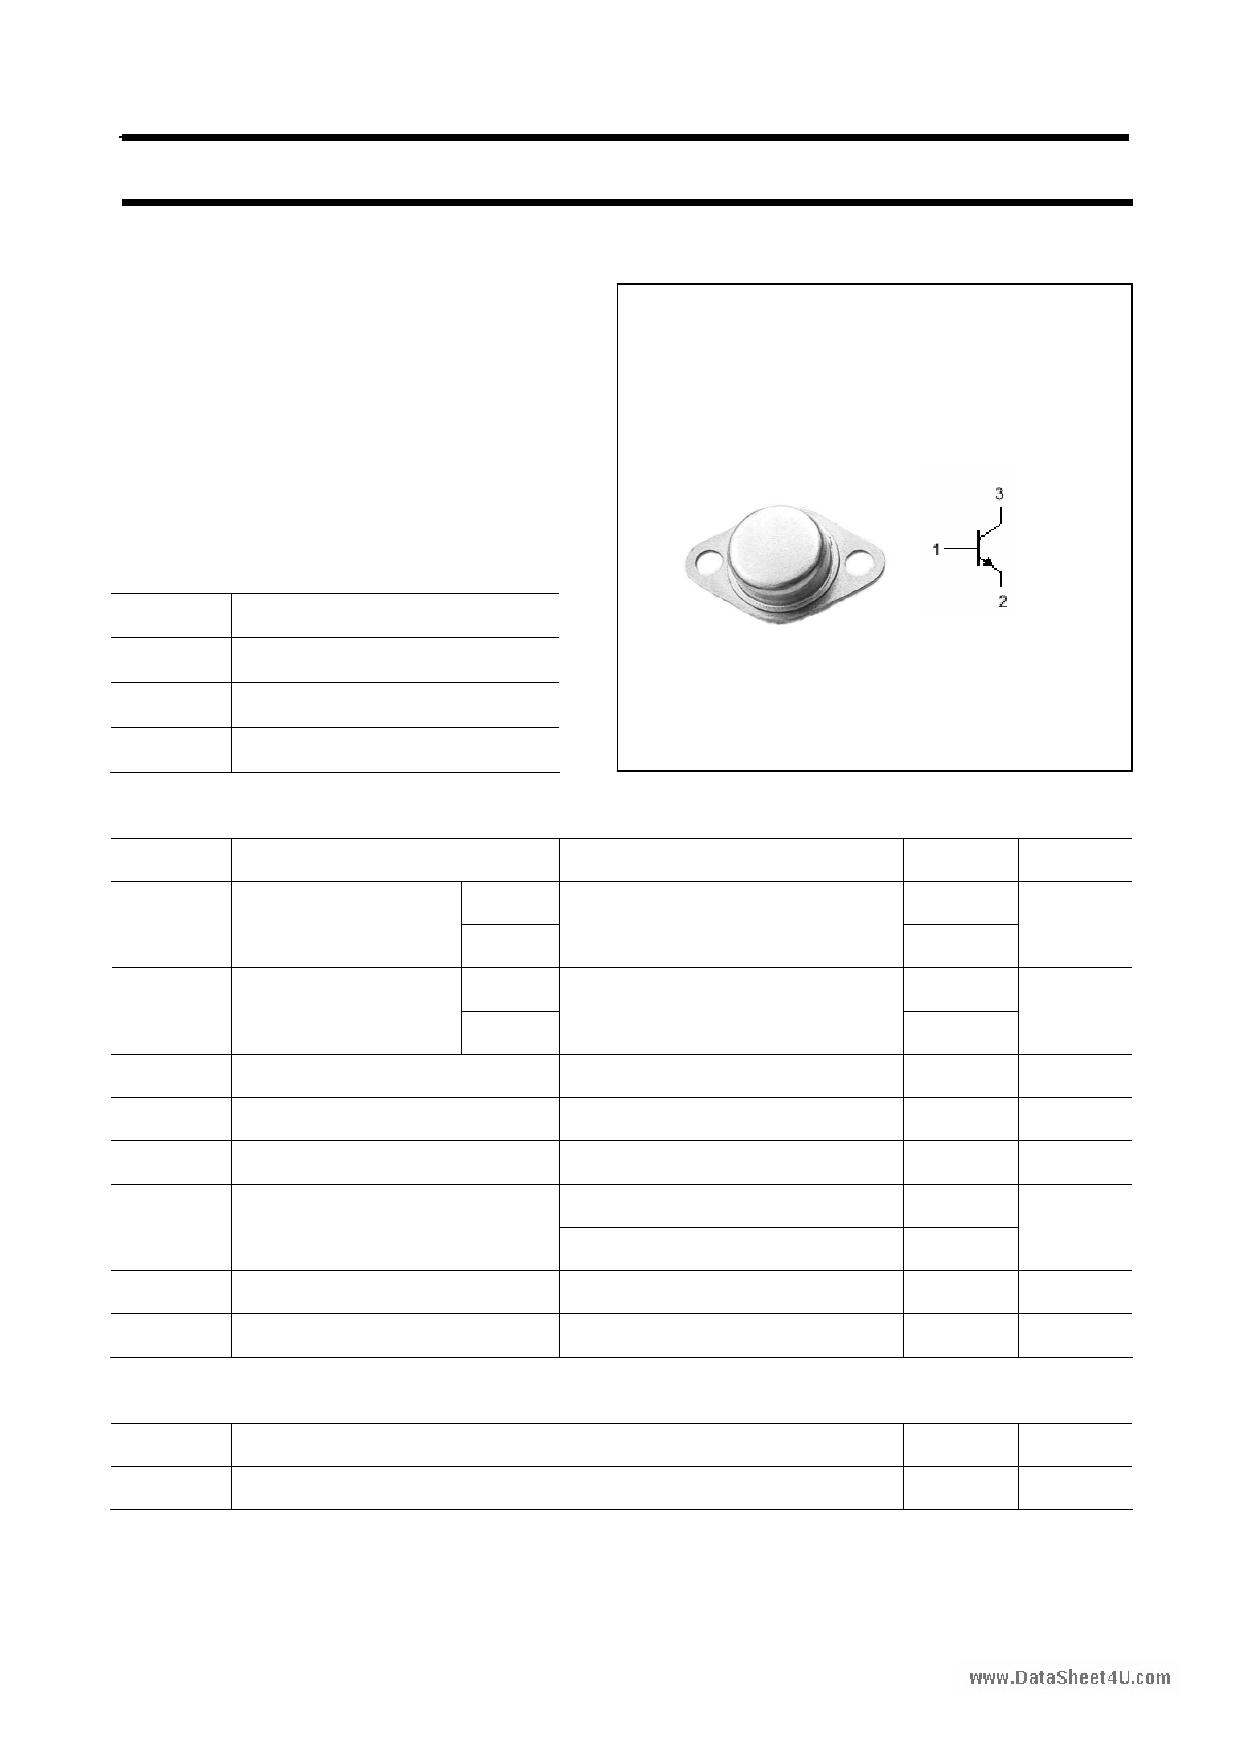 2N5660 دیتاشیت PDF